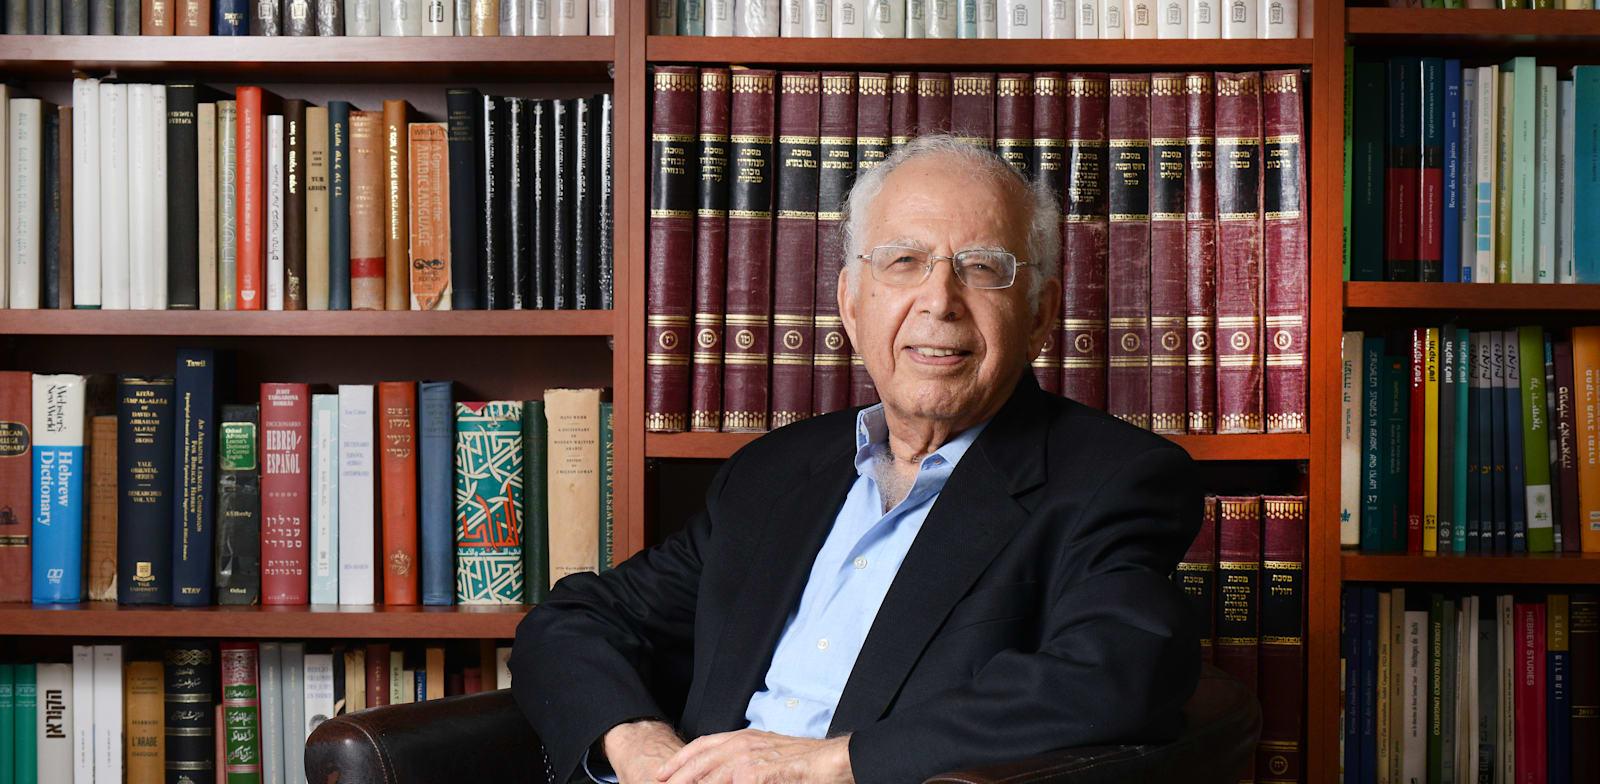 פרופ' משה בר-אשר, נשיא האקדמיה ללשון העברית / צילום: איל יצהר